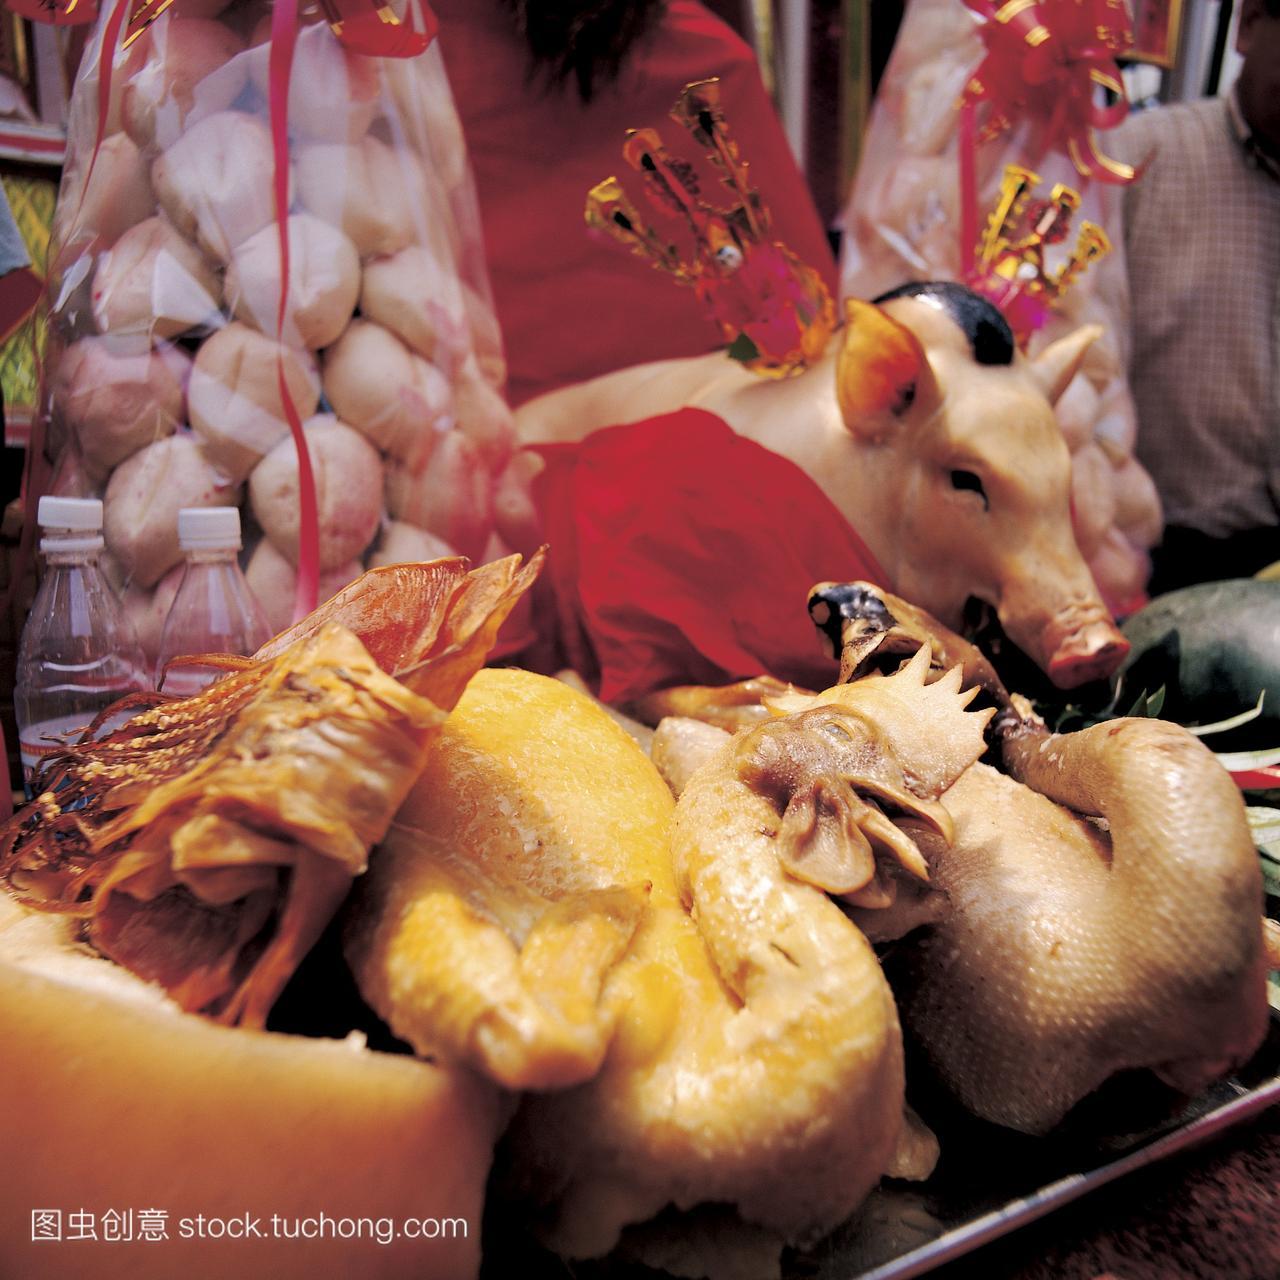 无人,五牲,祭祀,鸡肉,祭品,猪肉,文化,祭拜,传统,免烫高档衬衫面料图片